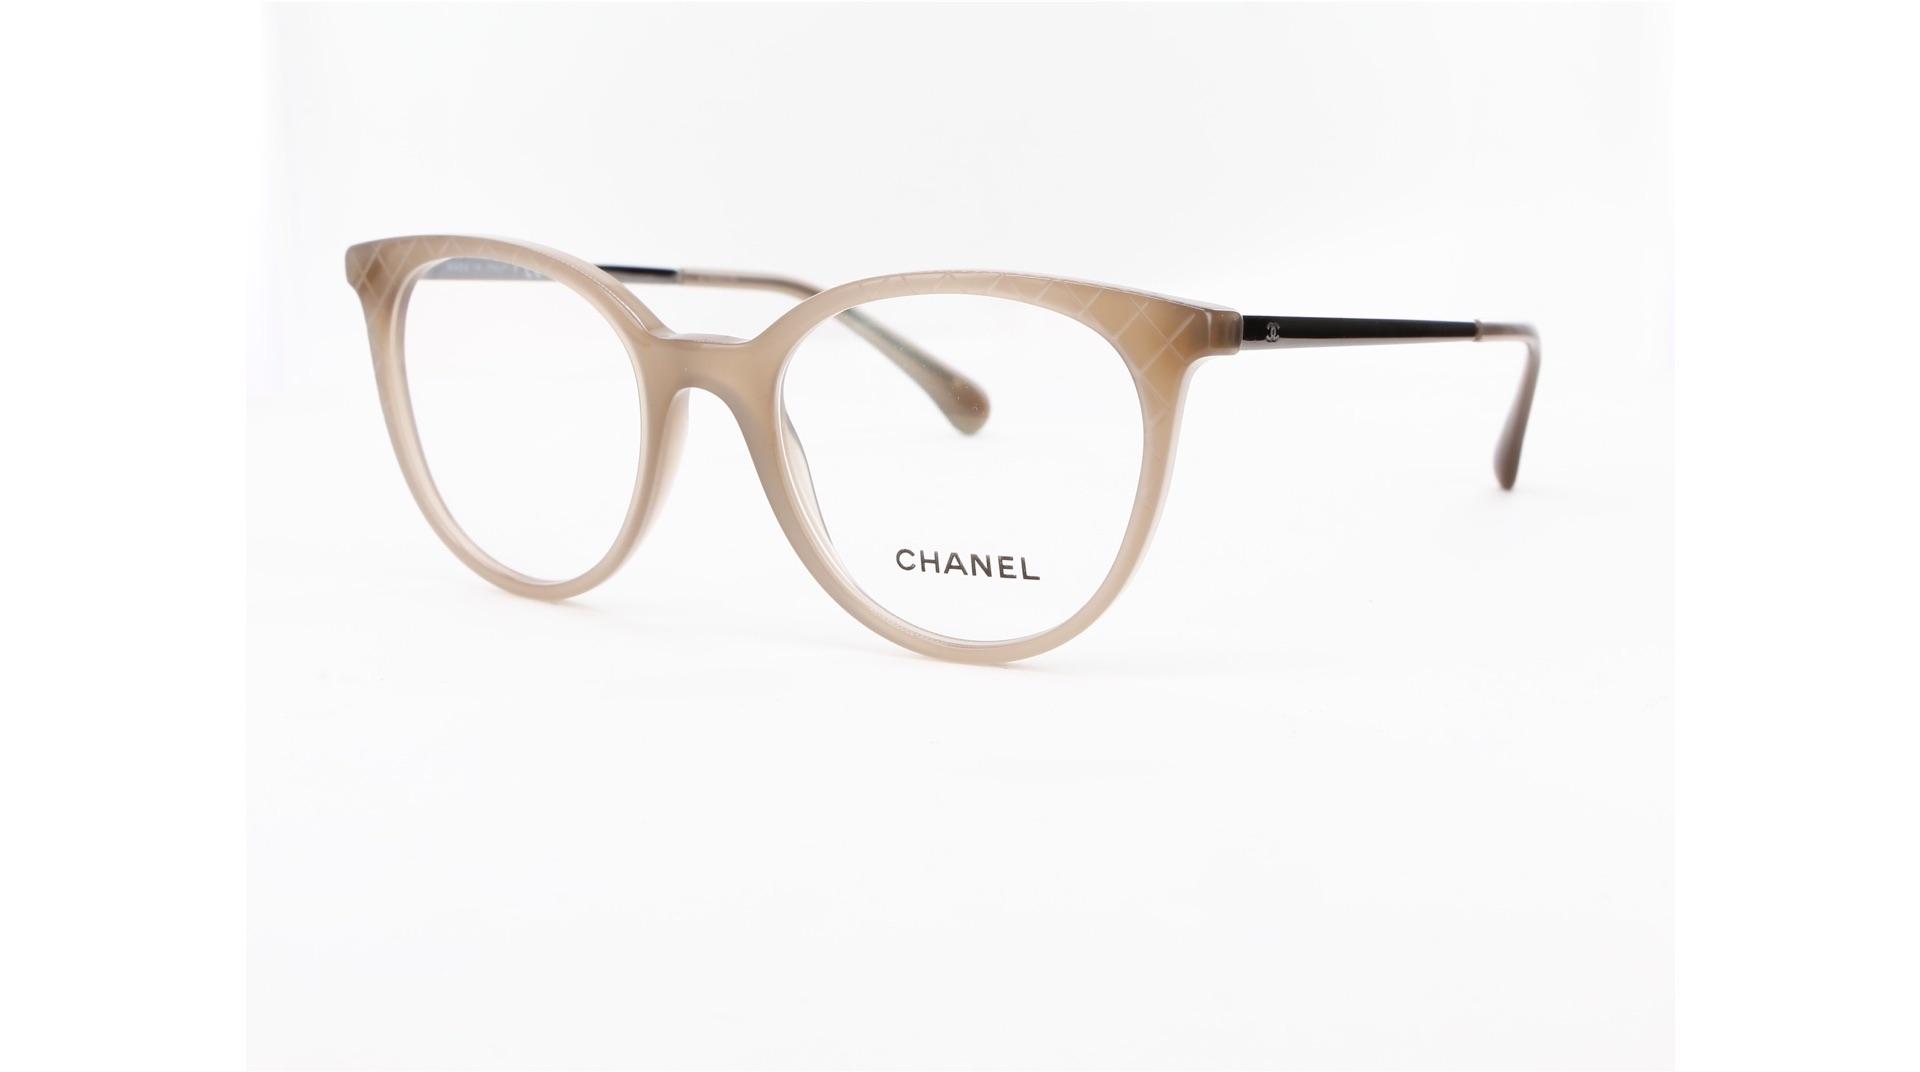 Chanel - ref: 80703